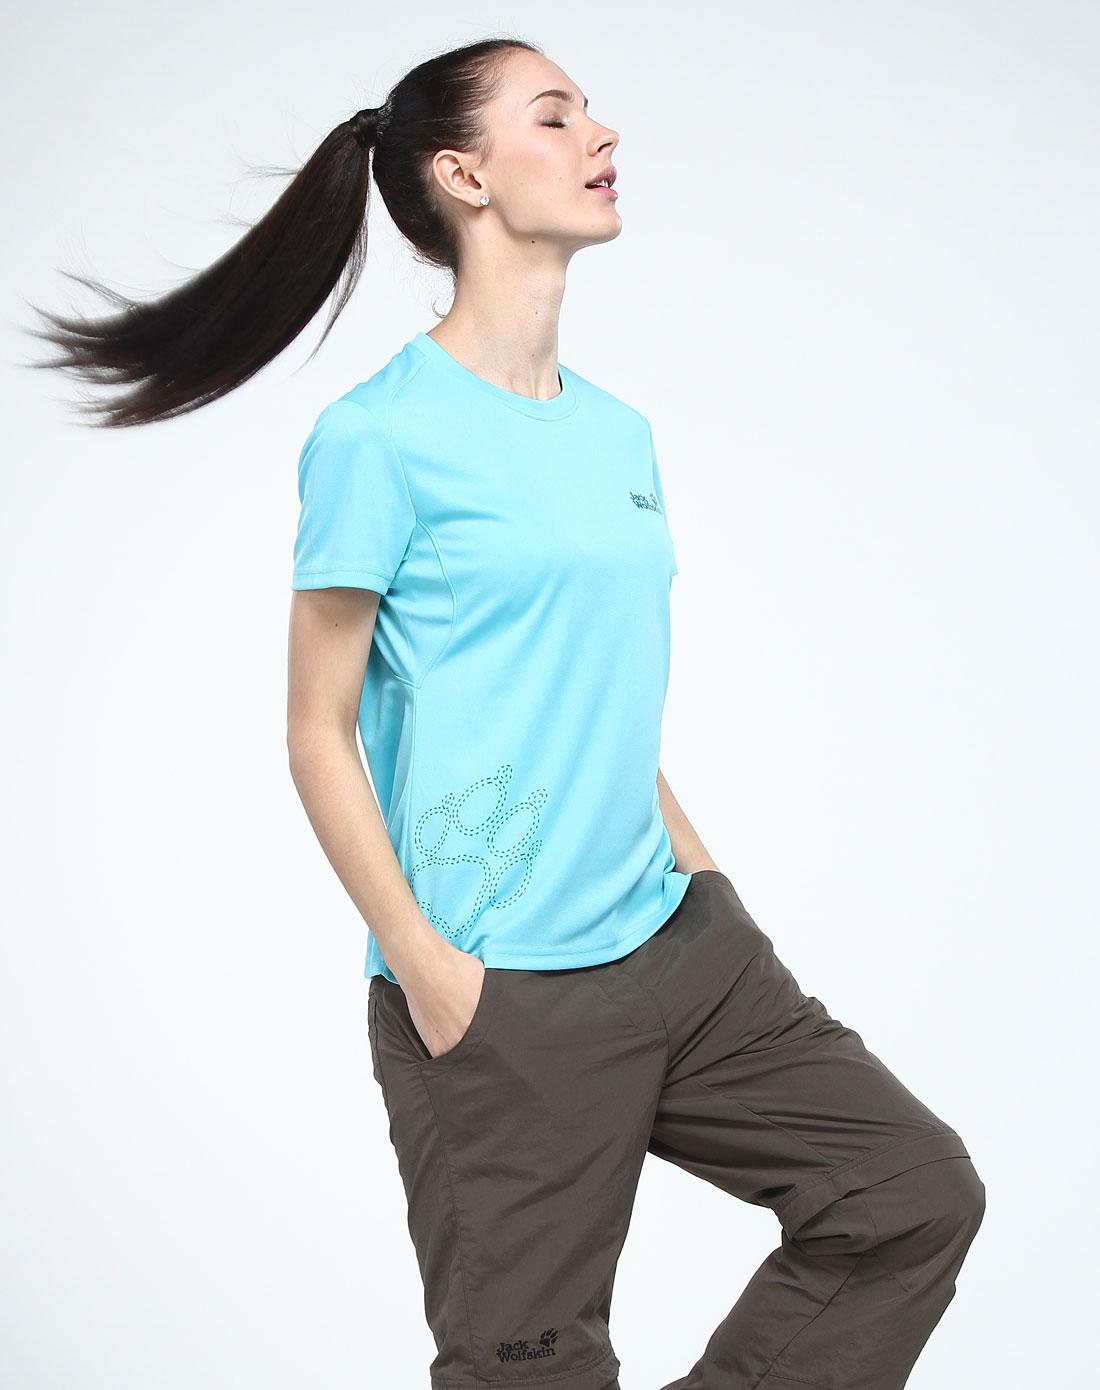 女款湖蓝色运动舒适短袖t恤衫